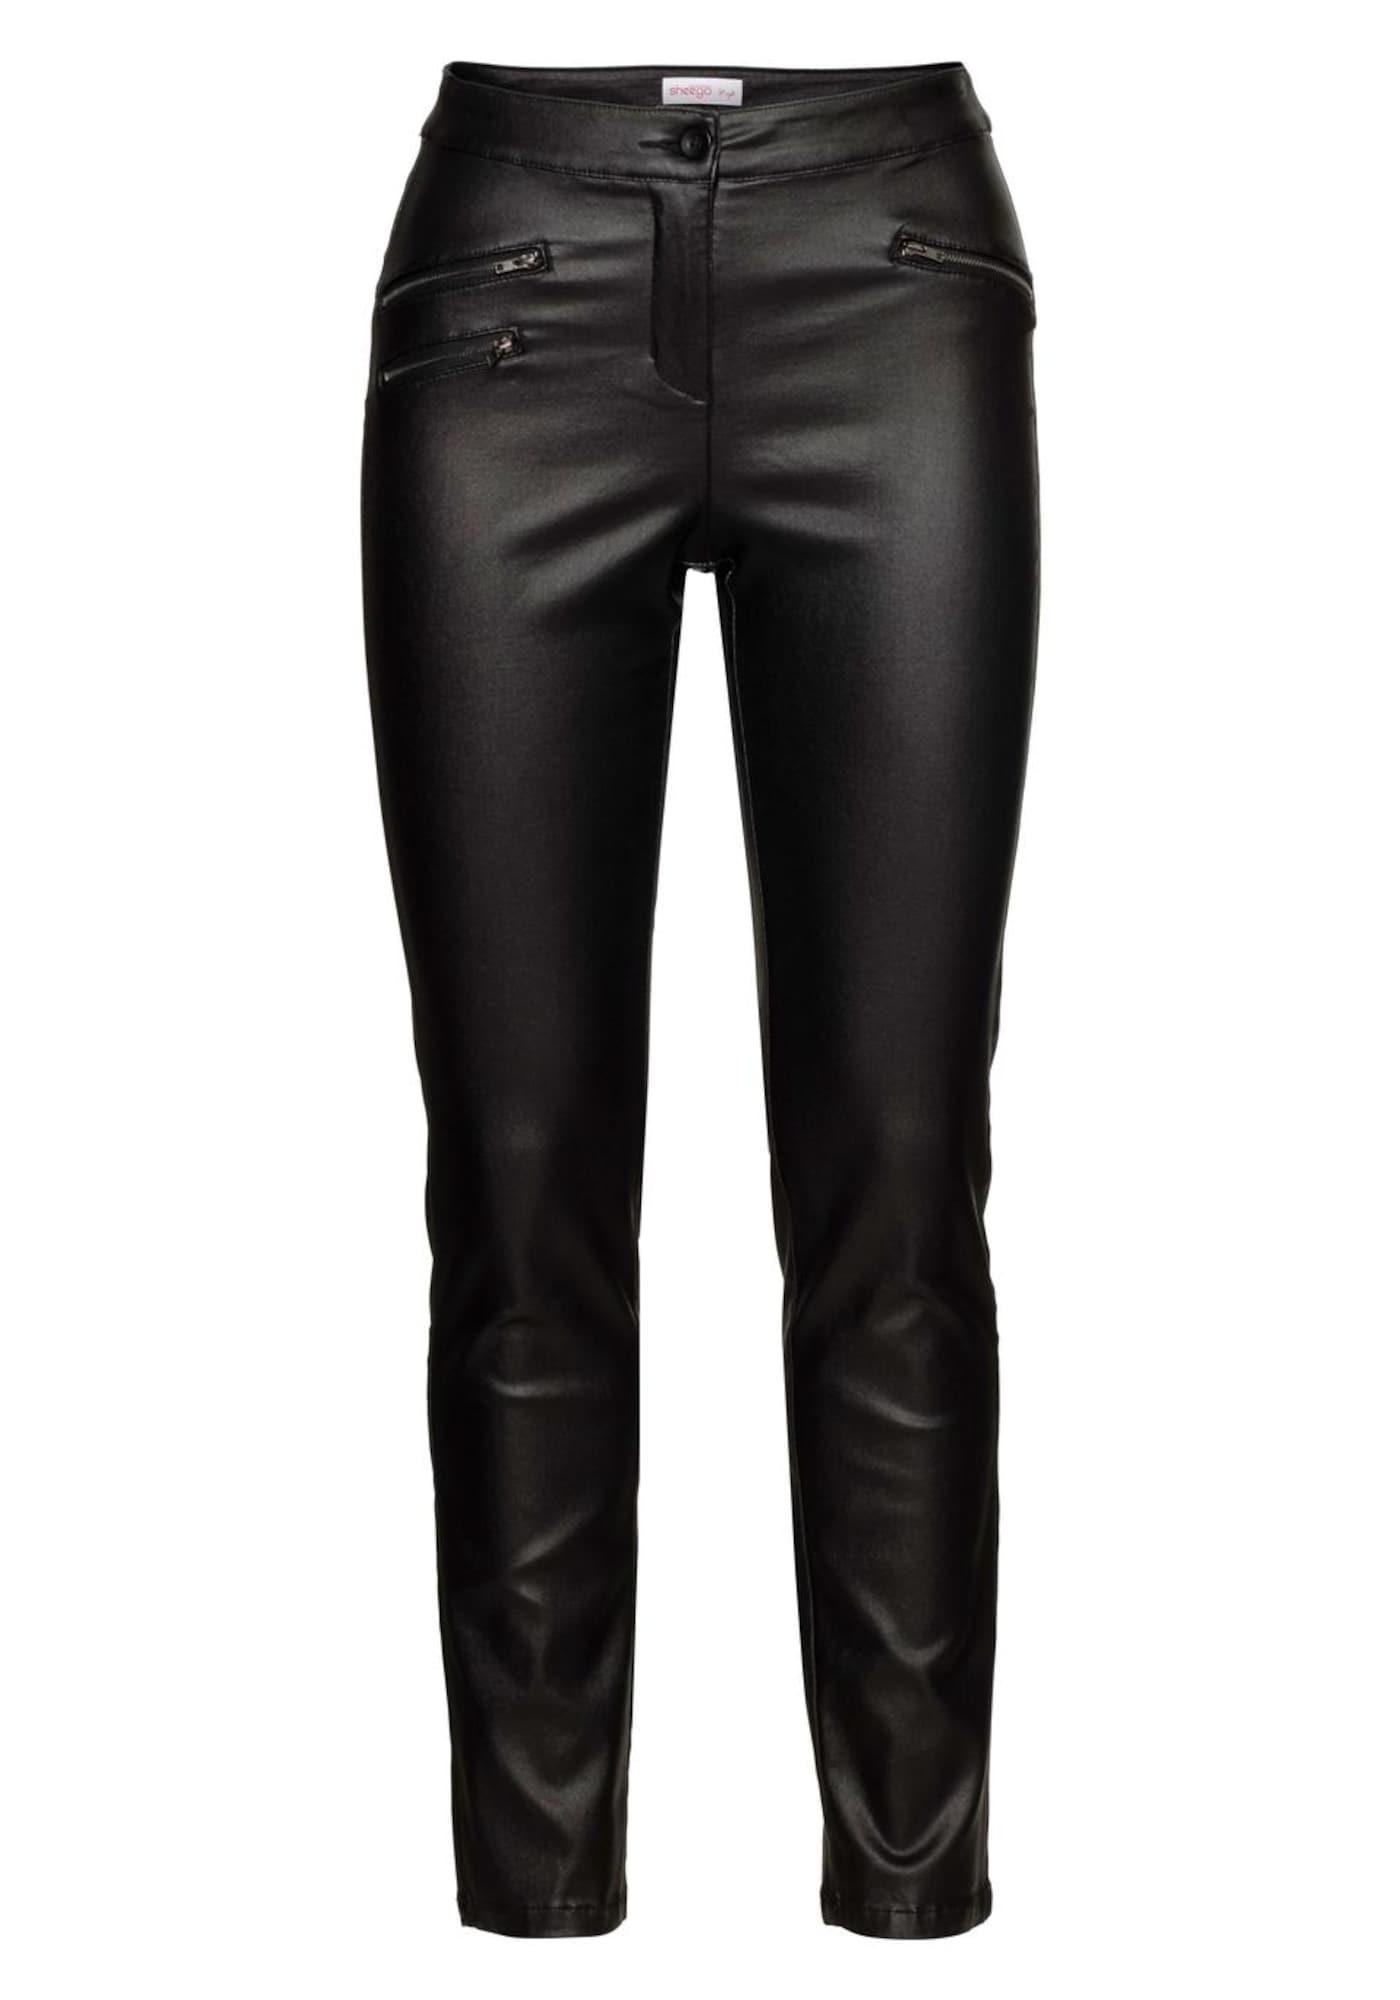 Kunstlederhose | Bekleidung > Hosen > Lederhosen & Kunstlederhosen | Schwarz | SHEEGO